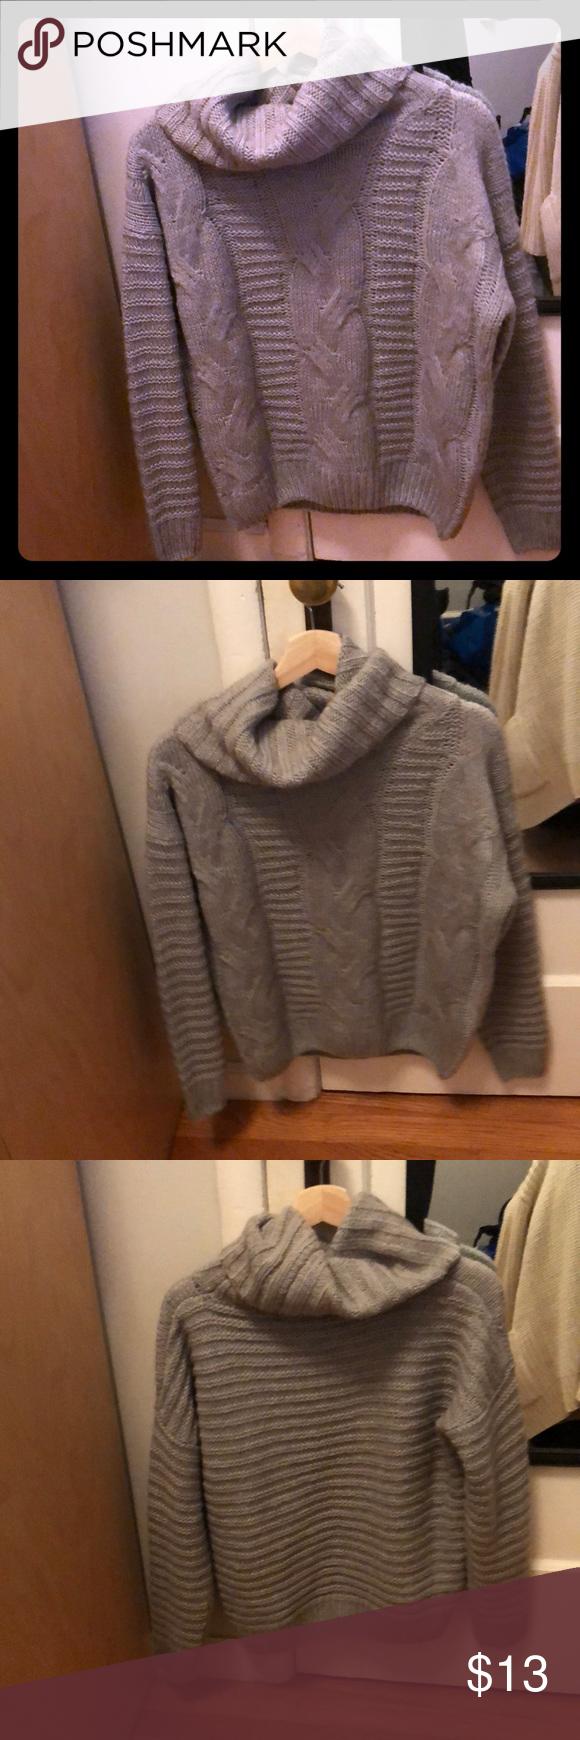 Cute, cozy, gray, Rhapsody sweater